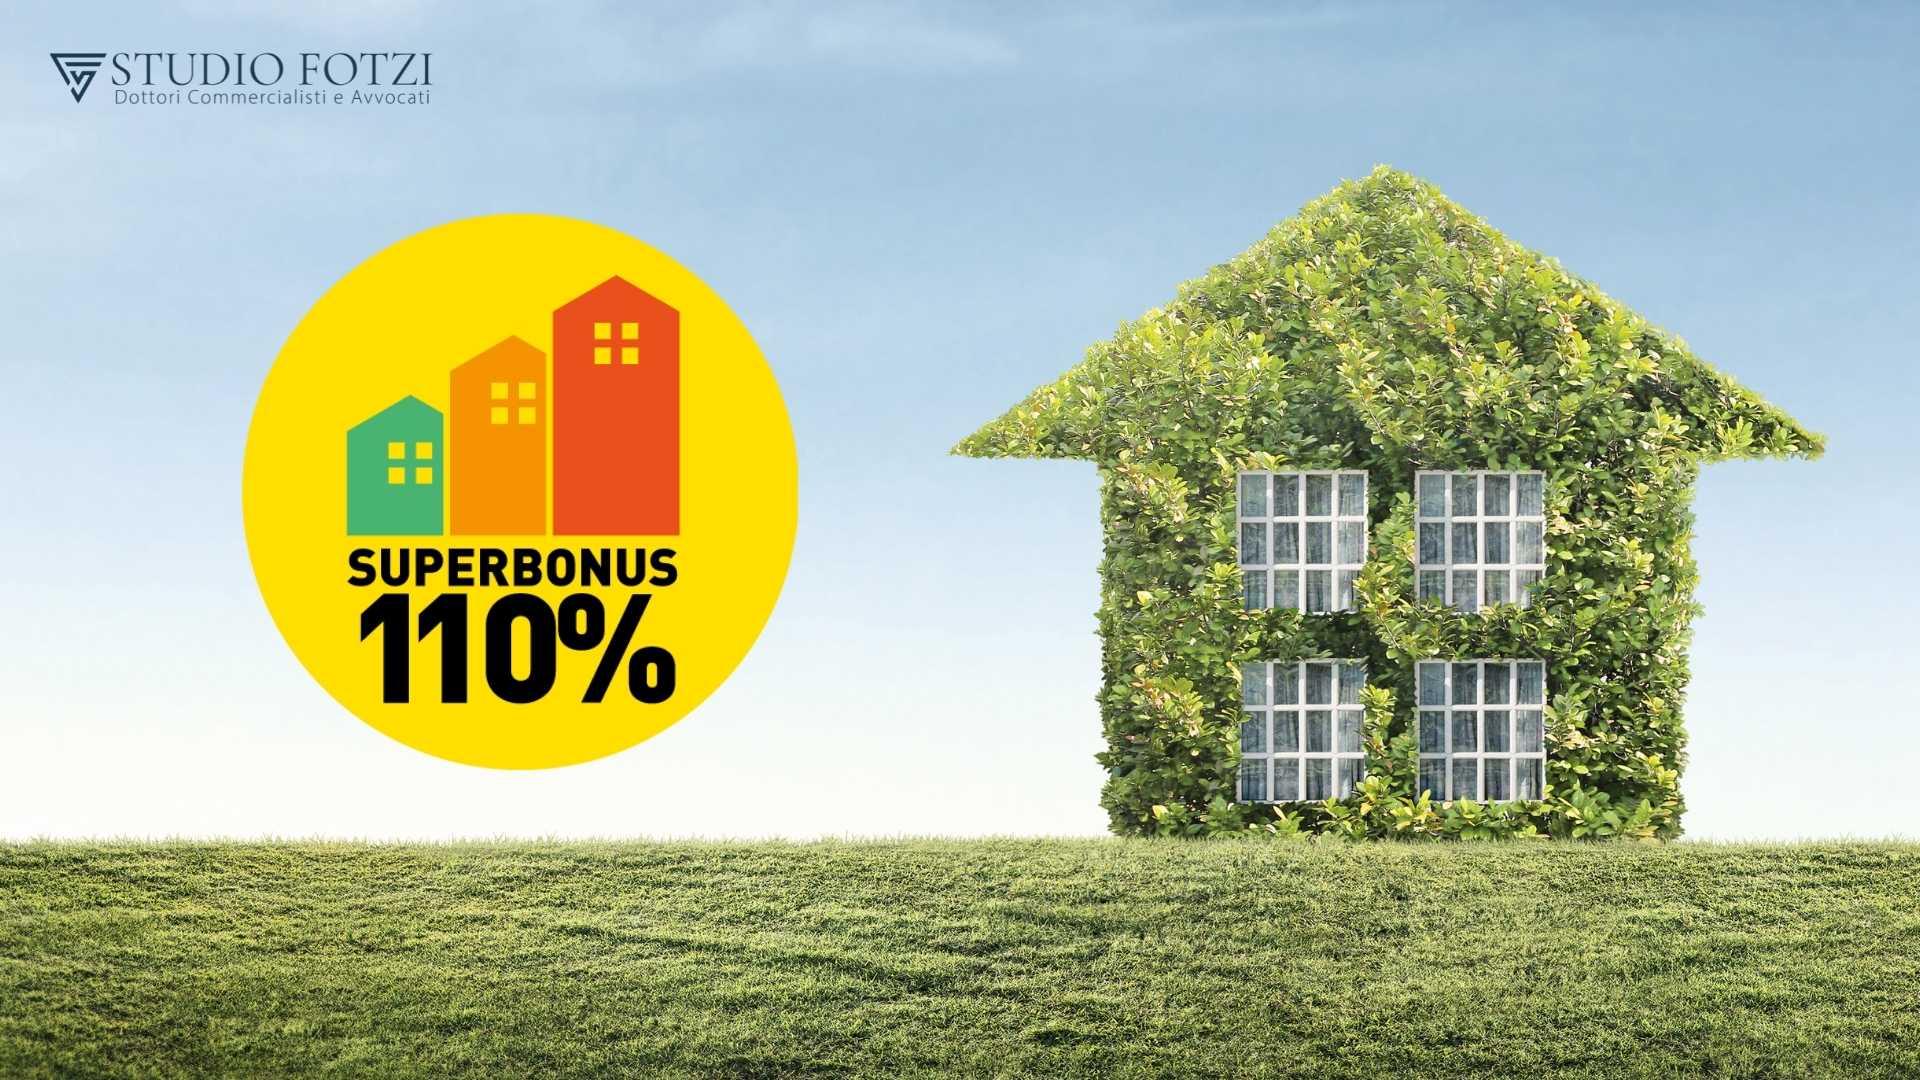 Studio Fotzi Super Bonus 110% - Sardegna